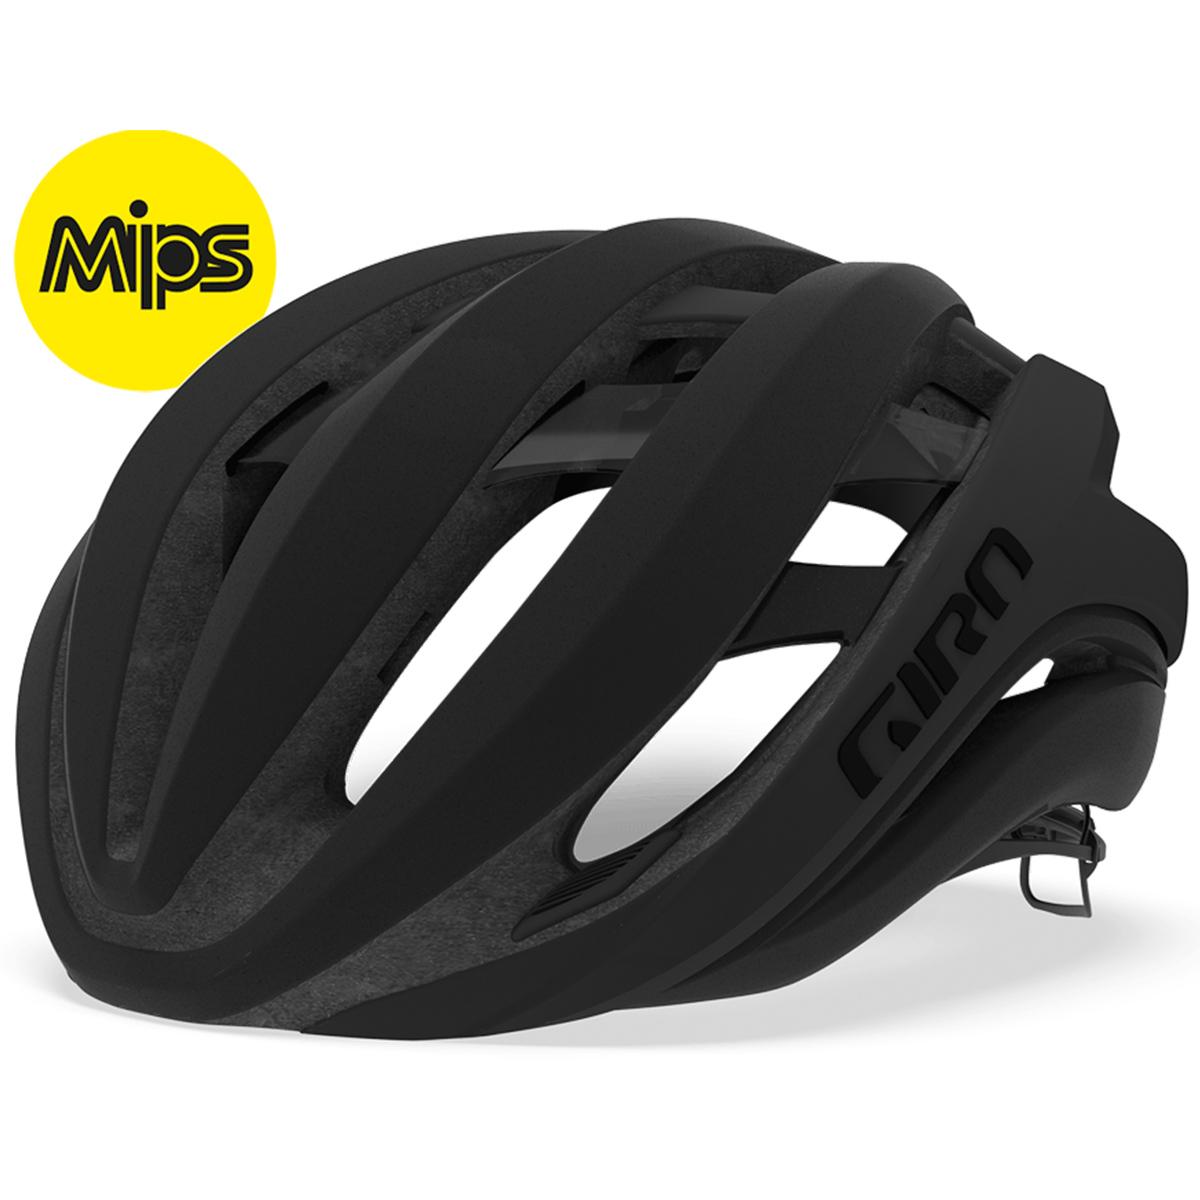 giro aether mips road bike helmet 2019 merlin cycles. Black Bedroom Furniture Sets. Home Design Ideas